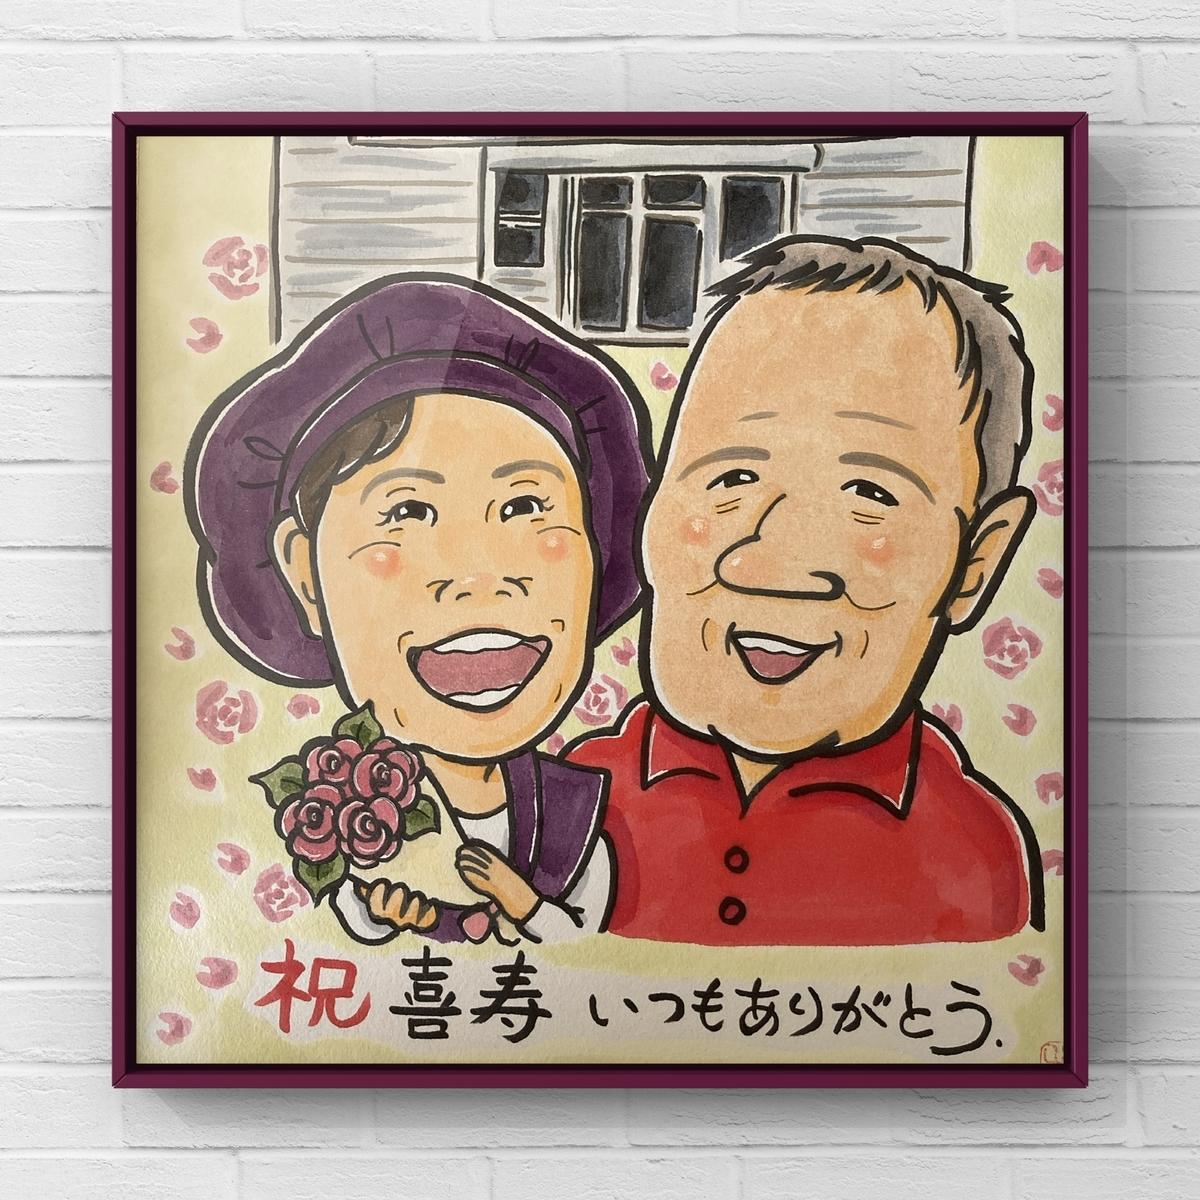 喜寿祝い 似顔絵 札幌 北海道 似顔絵ファクトリー 高井じゅり